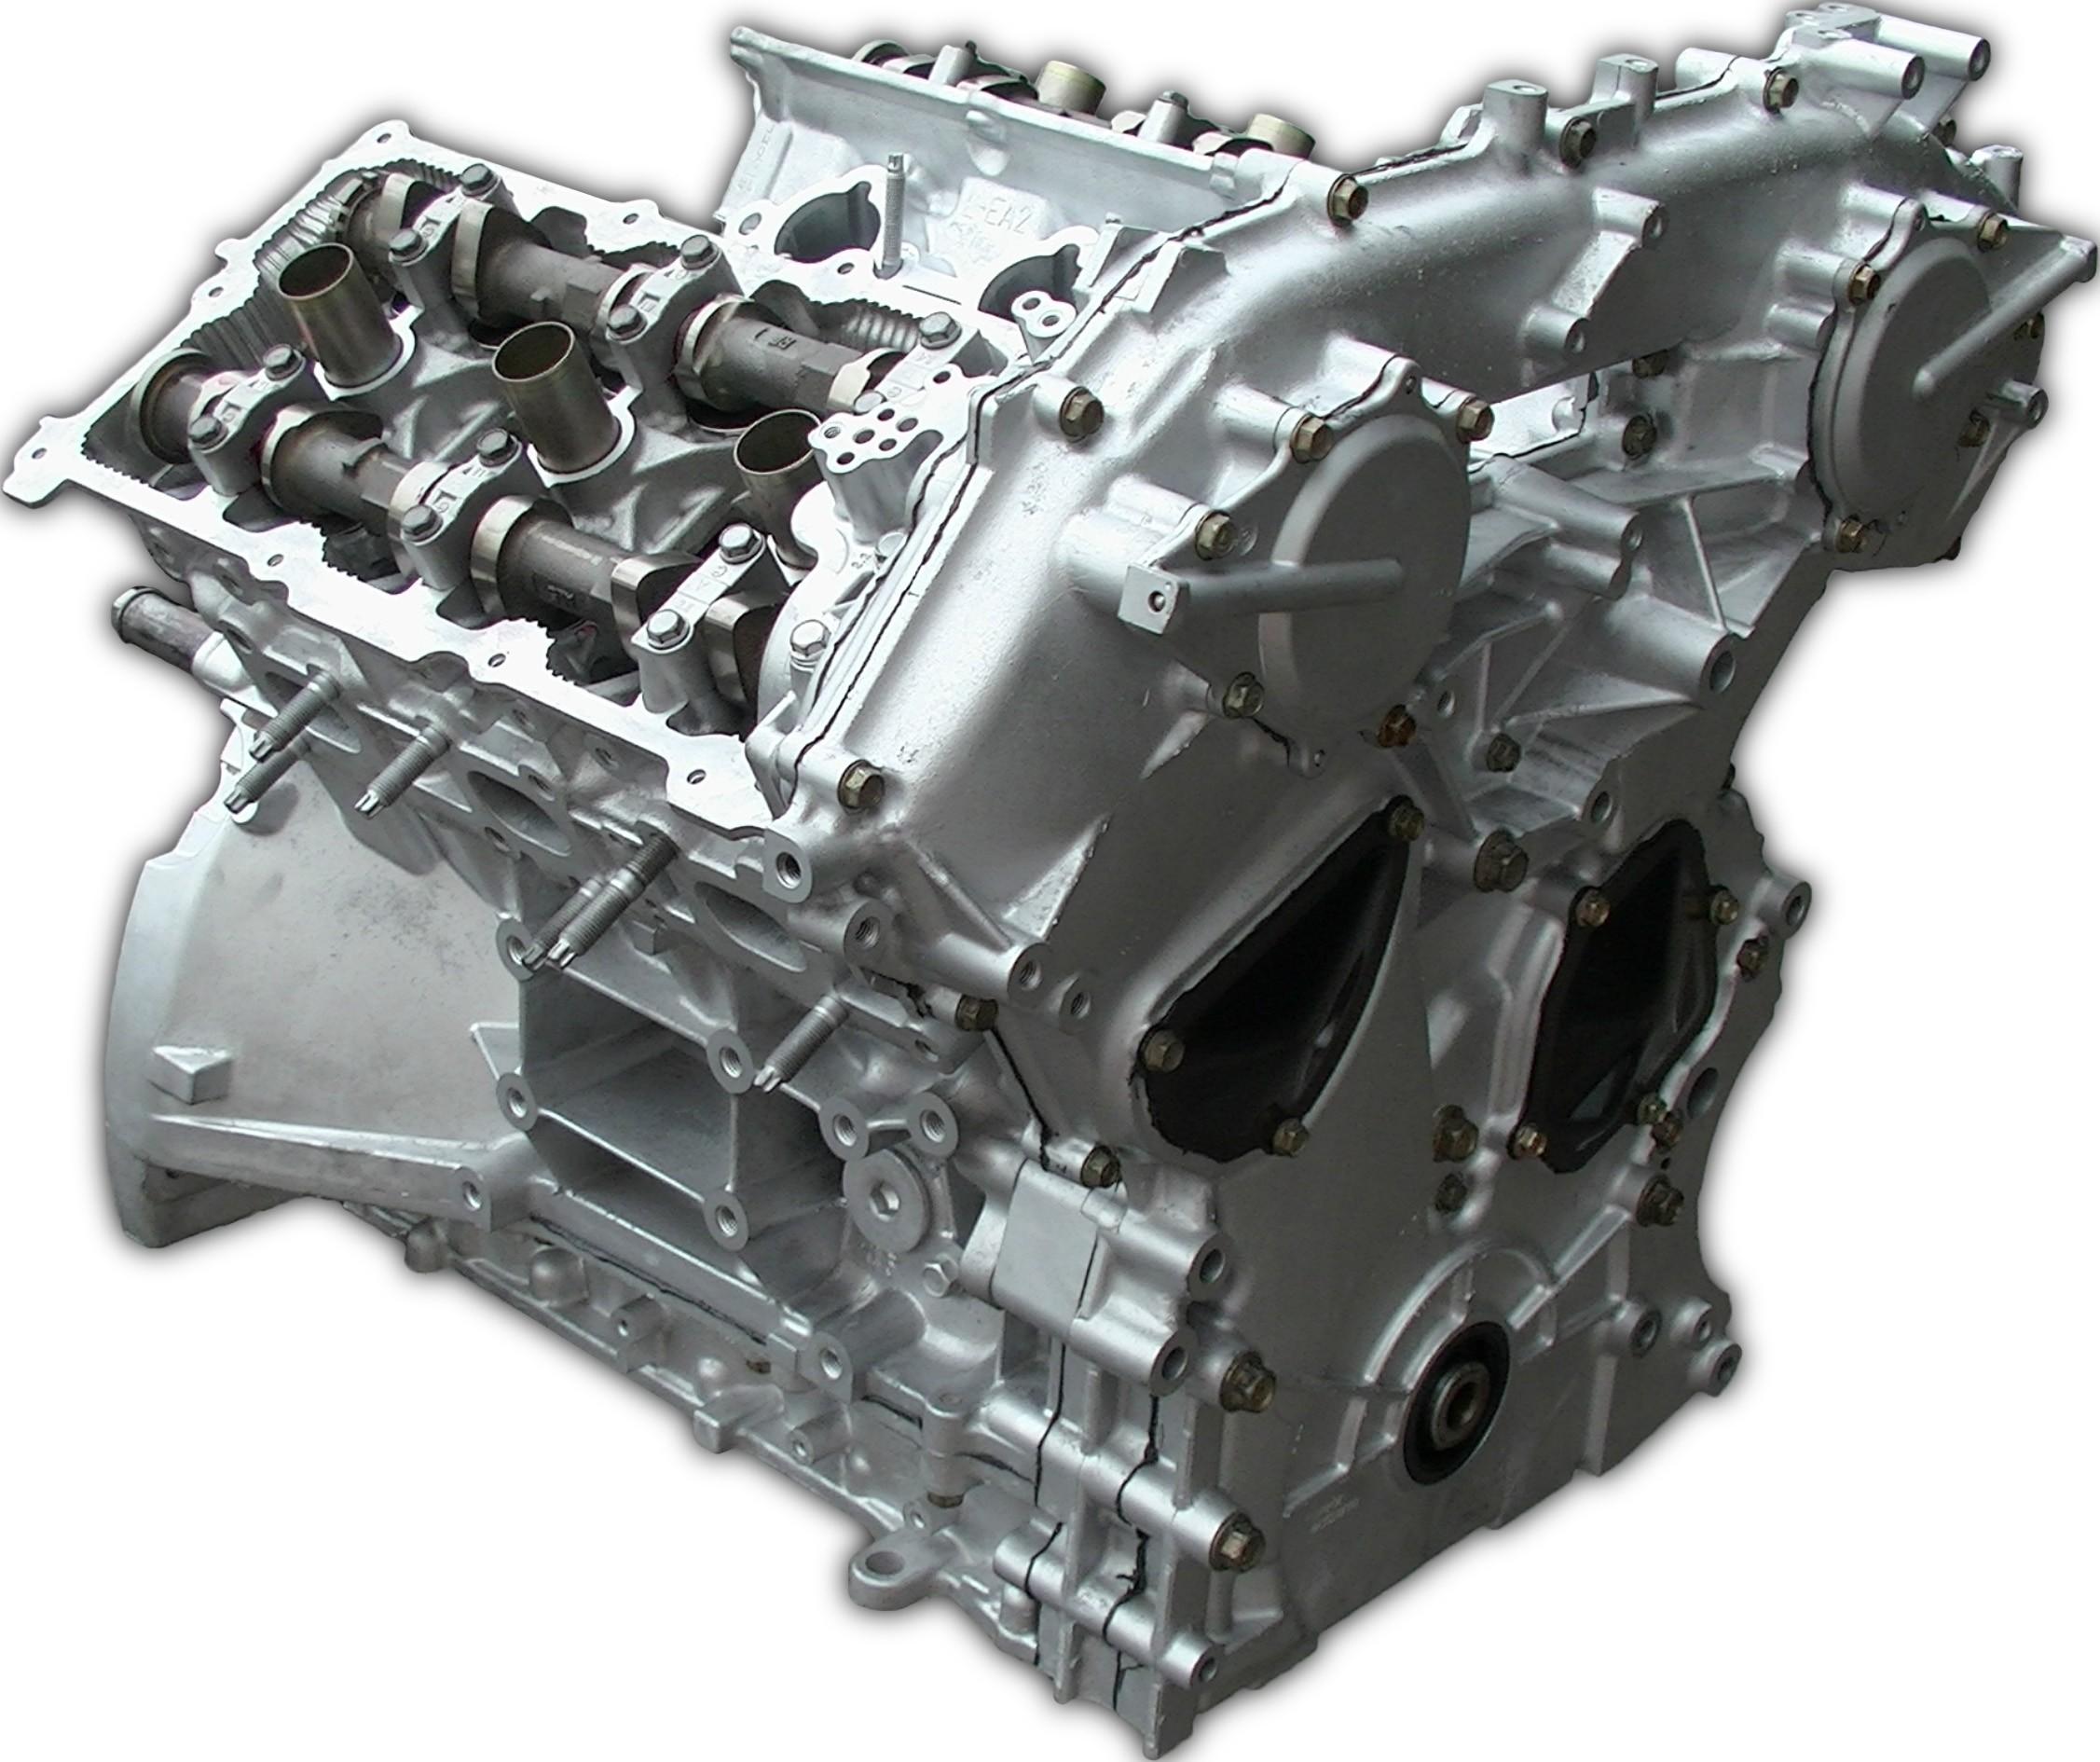 nissan 3 engine diagram 1993 honda civic wiring rebuilt 05 08 pathfinder 4 0l v6 vq40de